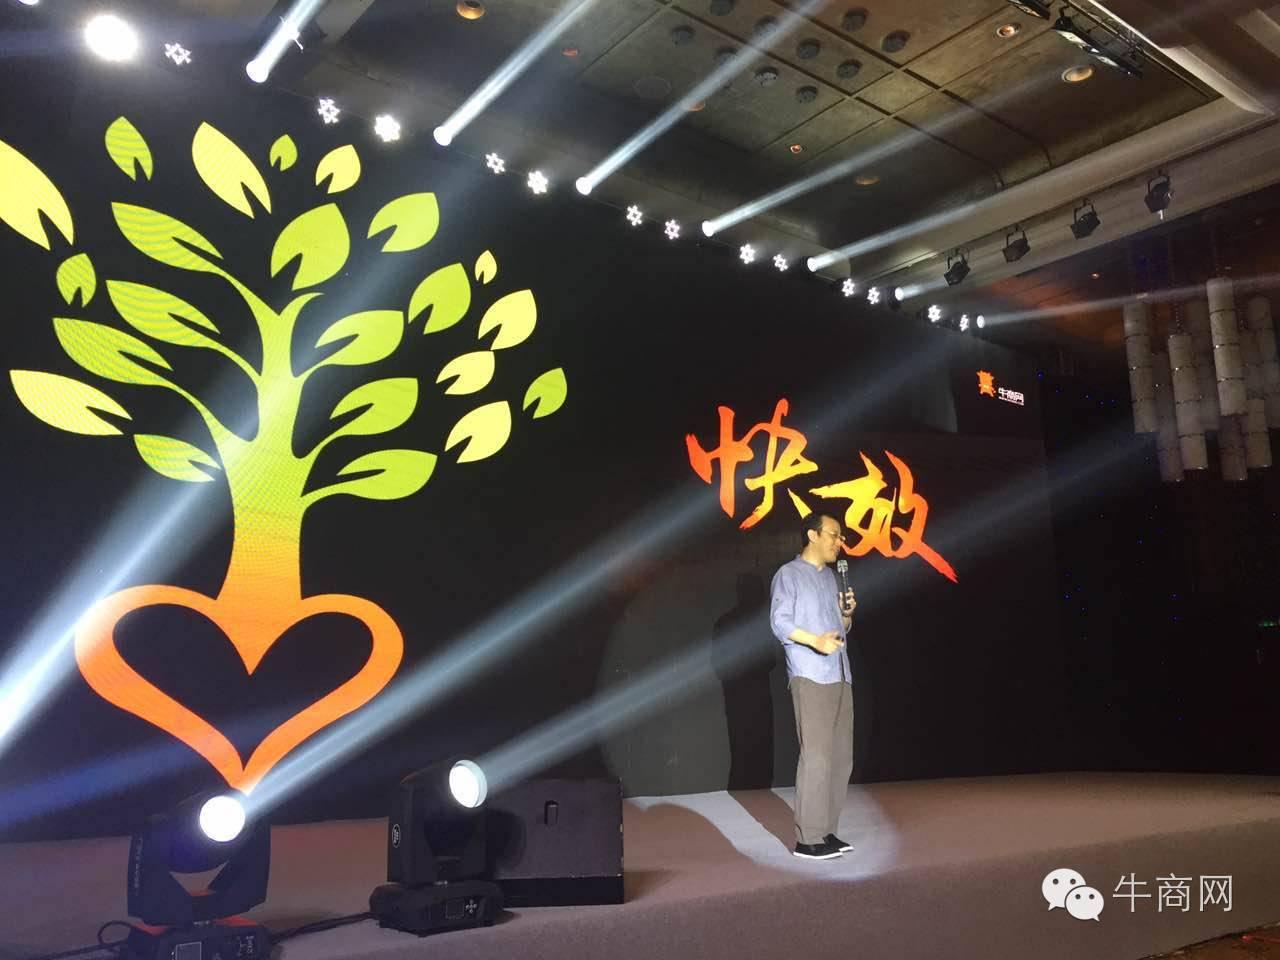 """30天转型见效! 牛商网为中国传统企业插上""""互联网+""""的翅膀"""